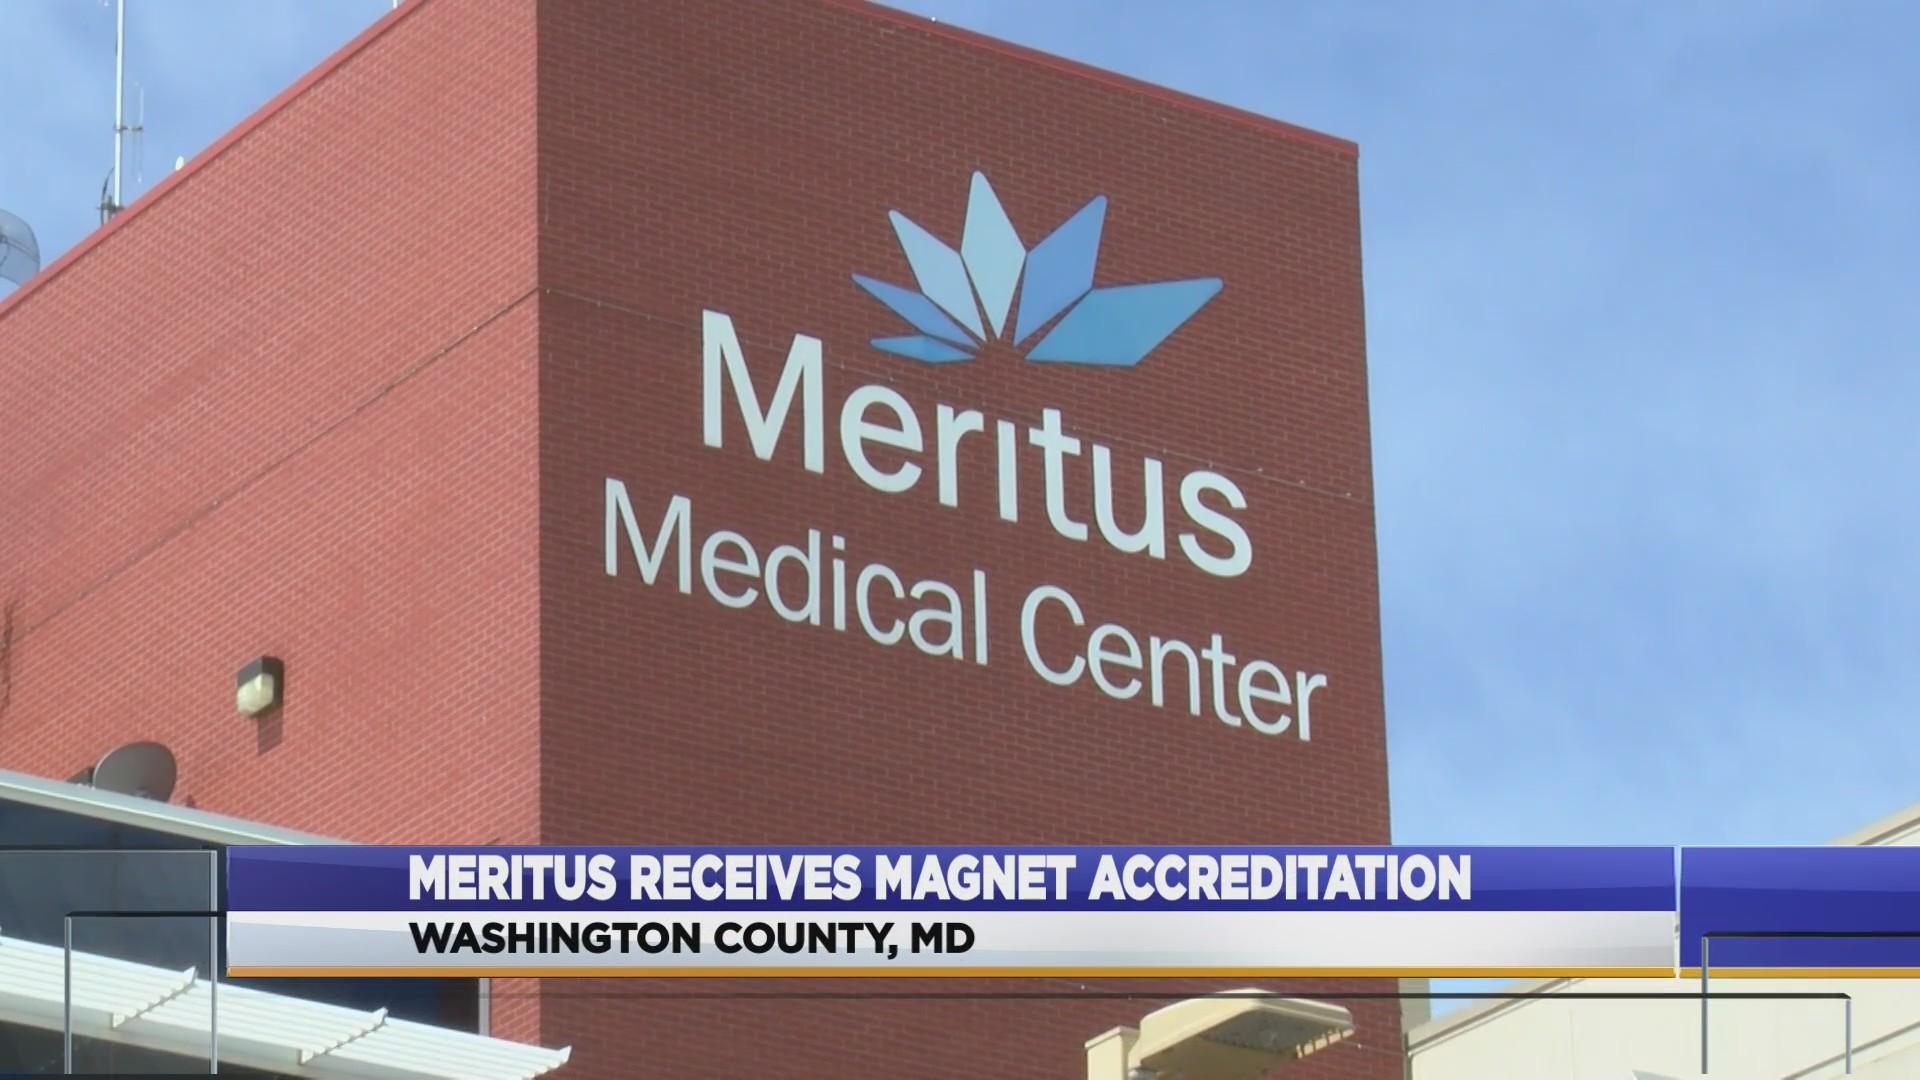 Meritus_Medical_Center_0_20190424112725